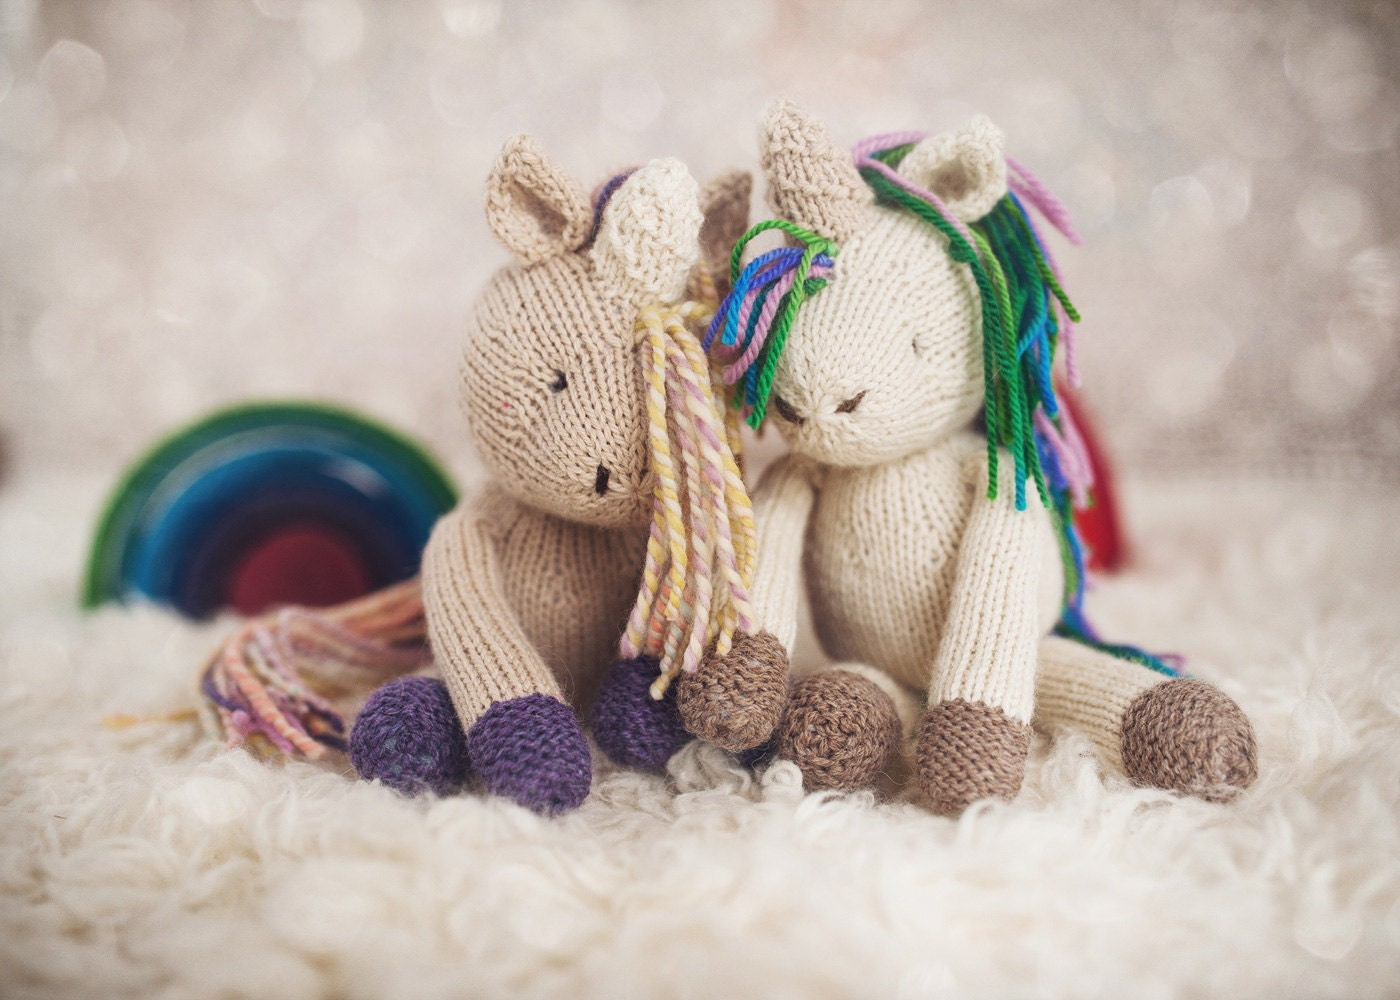 Unicorn Knitting Pattern Uk : Pattern rainflower unicorn knitting knitted toy